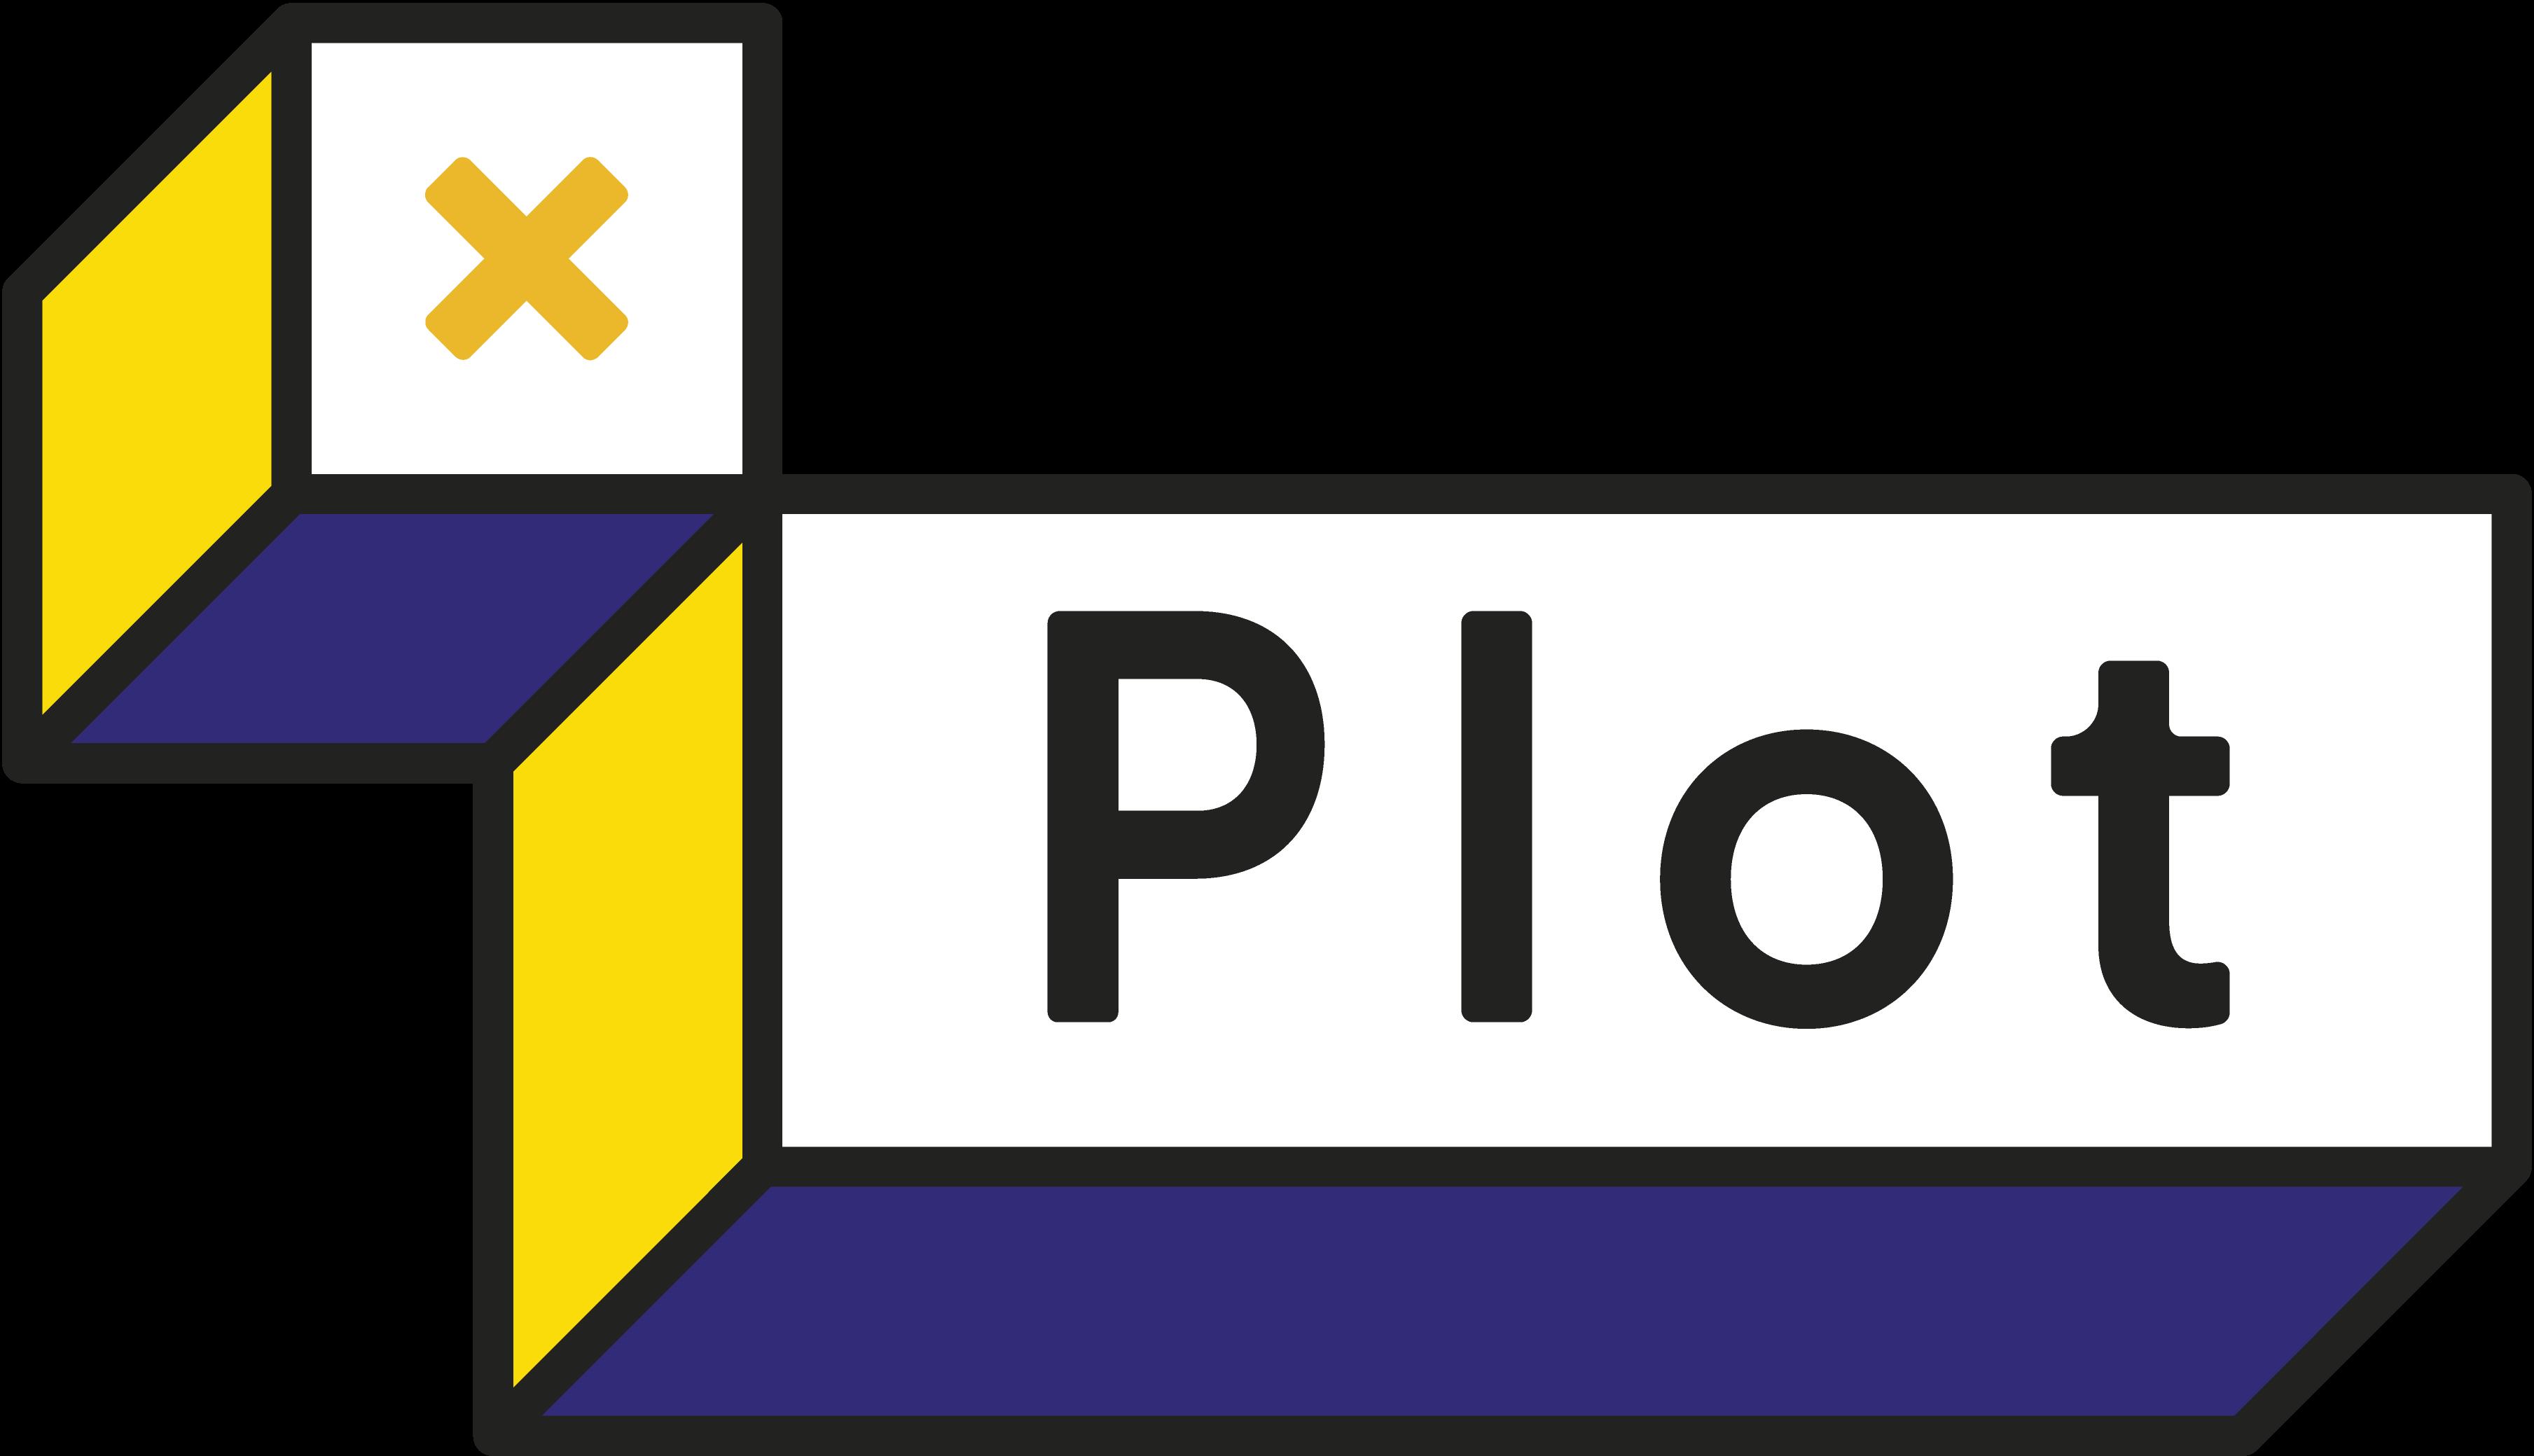 xPlot logo